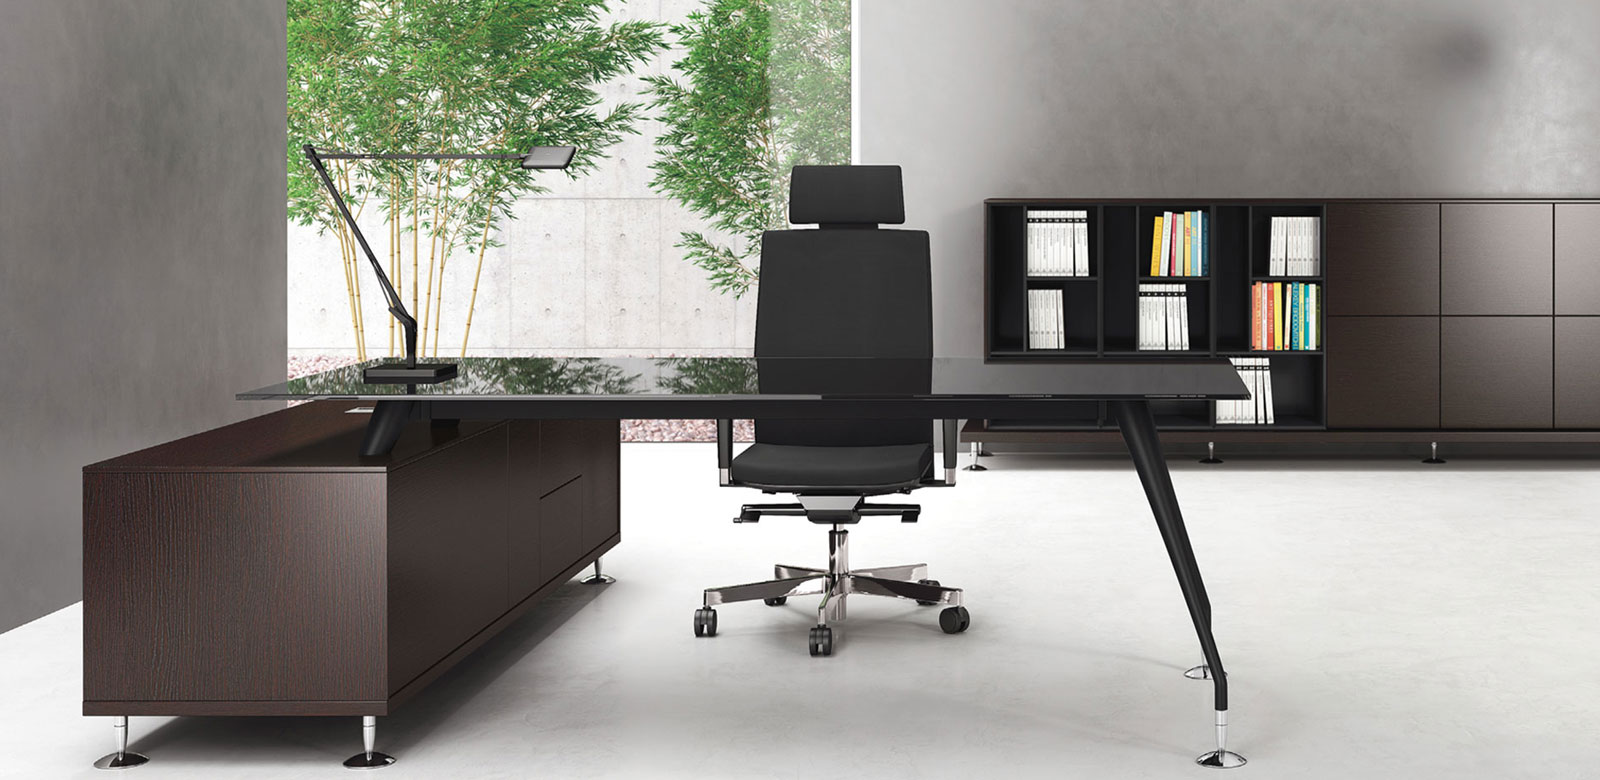 Arredo ufficio arredamento e mobili per ufficio su misura atu gallarate varese - Come arredare un ufficio moderno ...